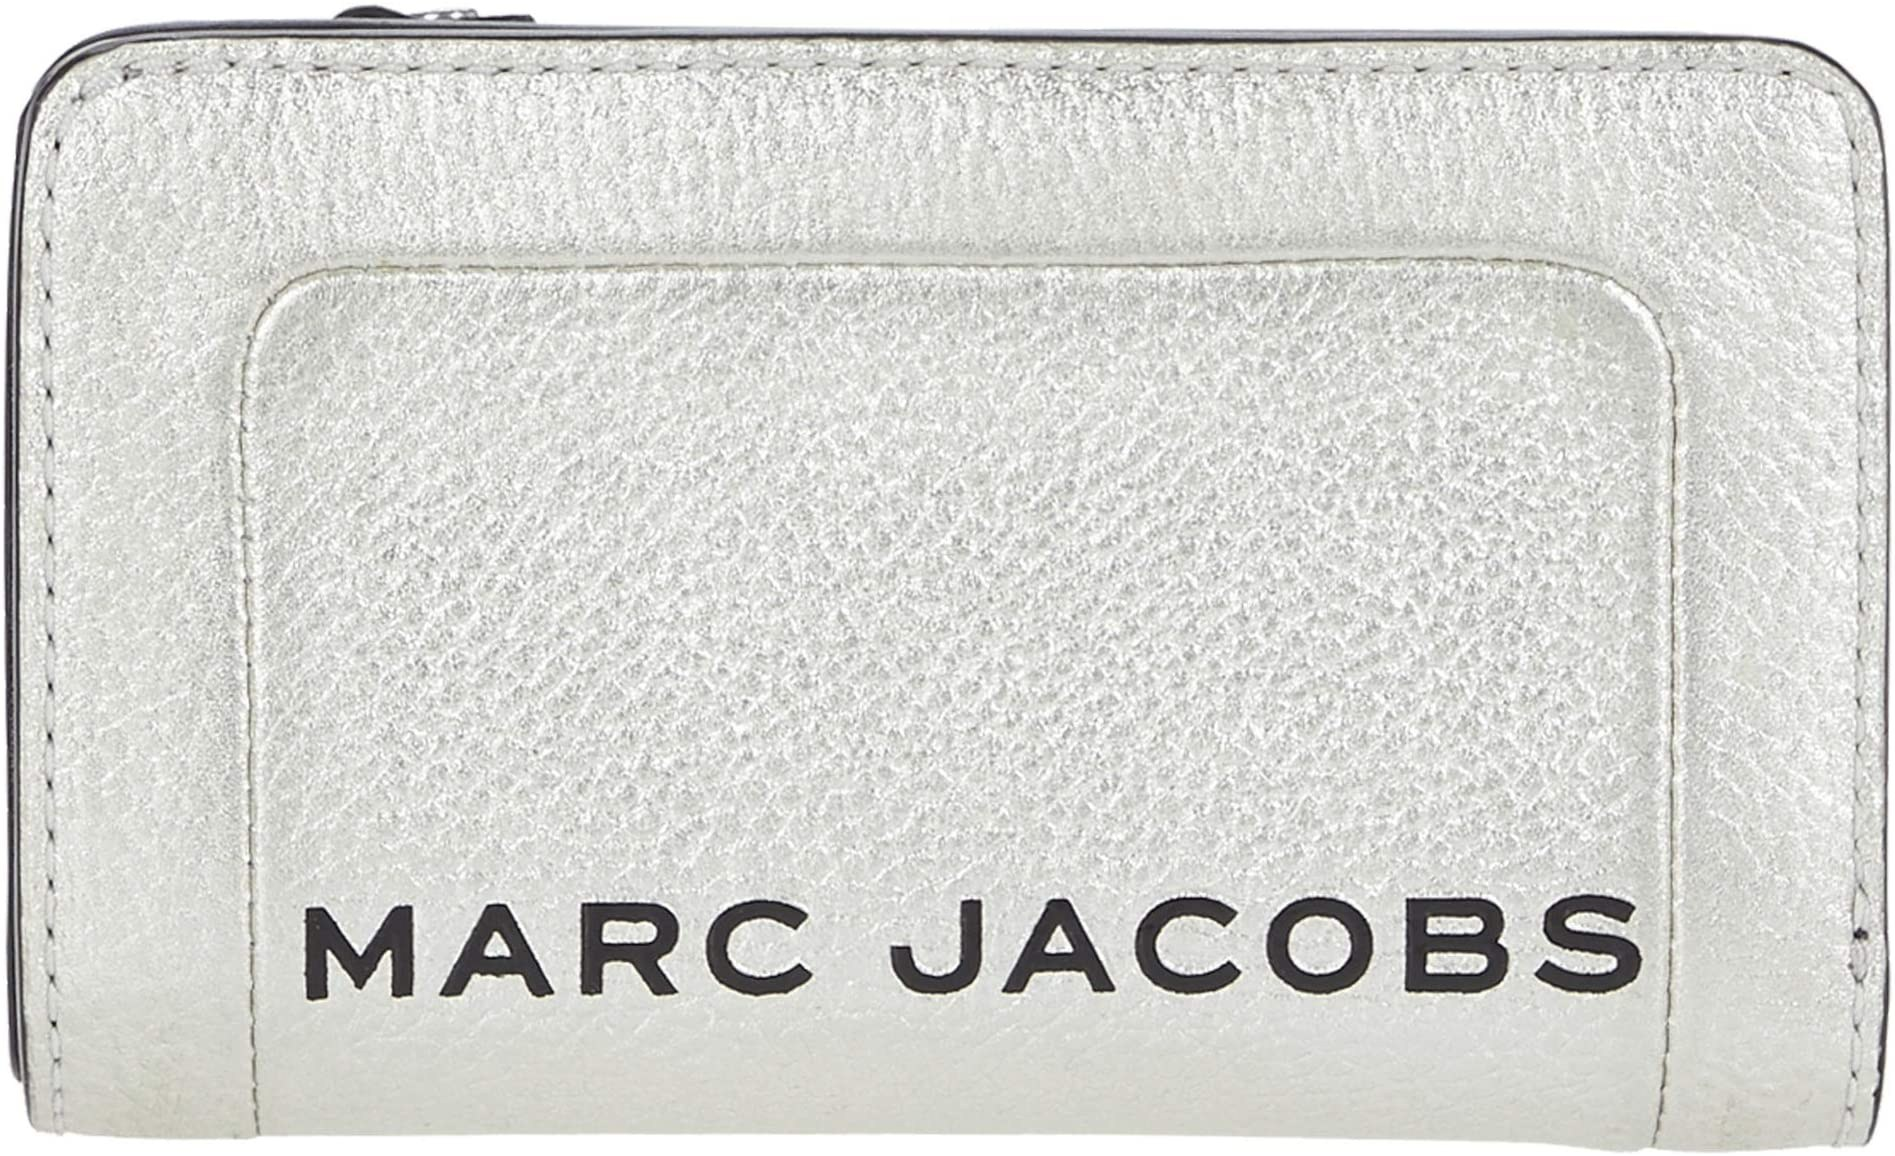 [해외제품] 여성 여자 지갑 Marc Jacobs The Metallic Textured Compact Wallet (마크 제이콥스 메탈릭 텍스처 컴팩트 지갑) -142447